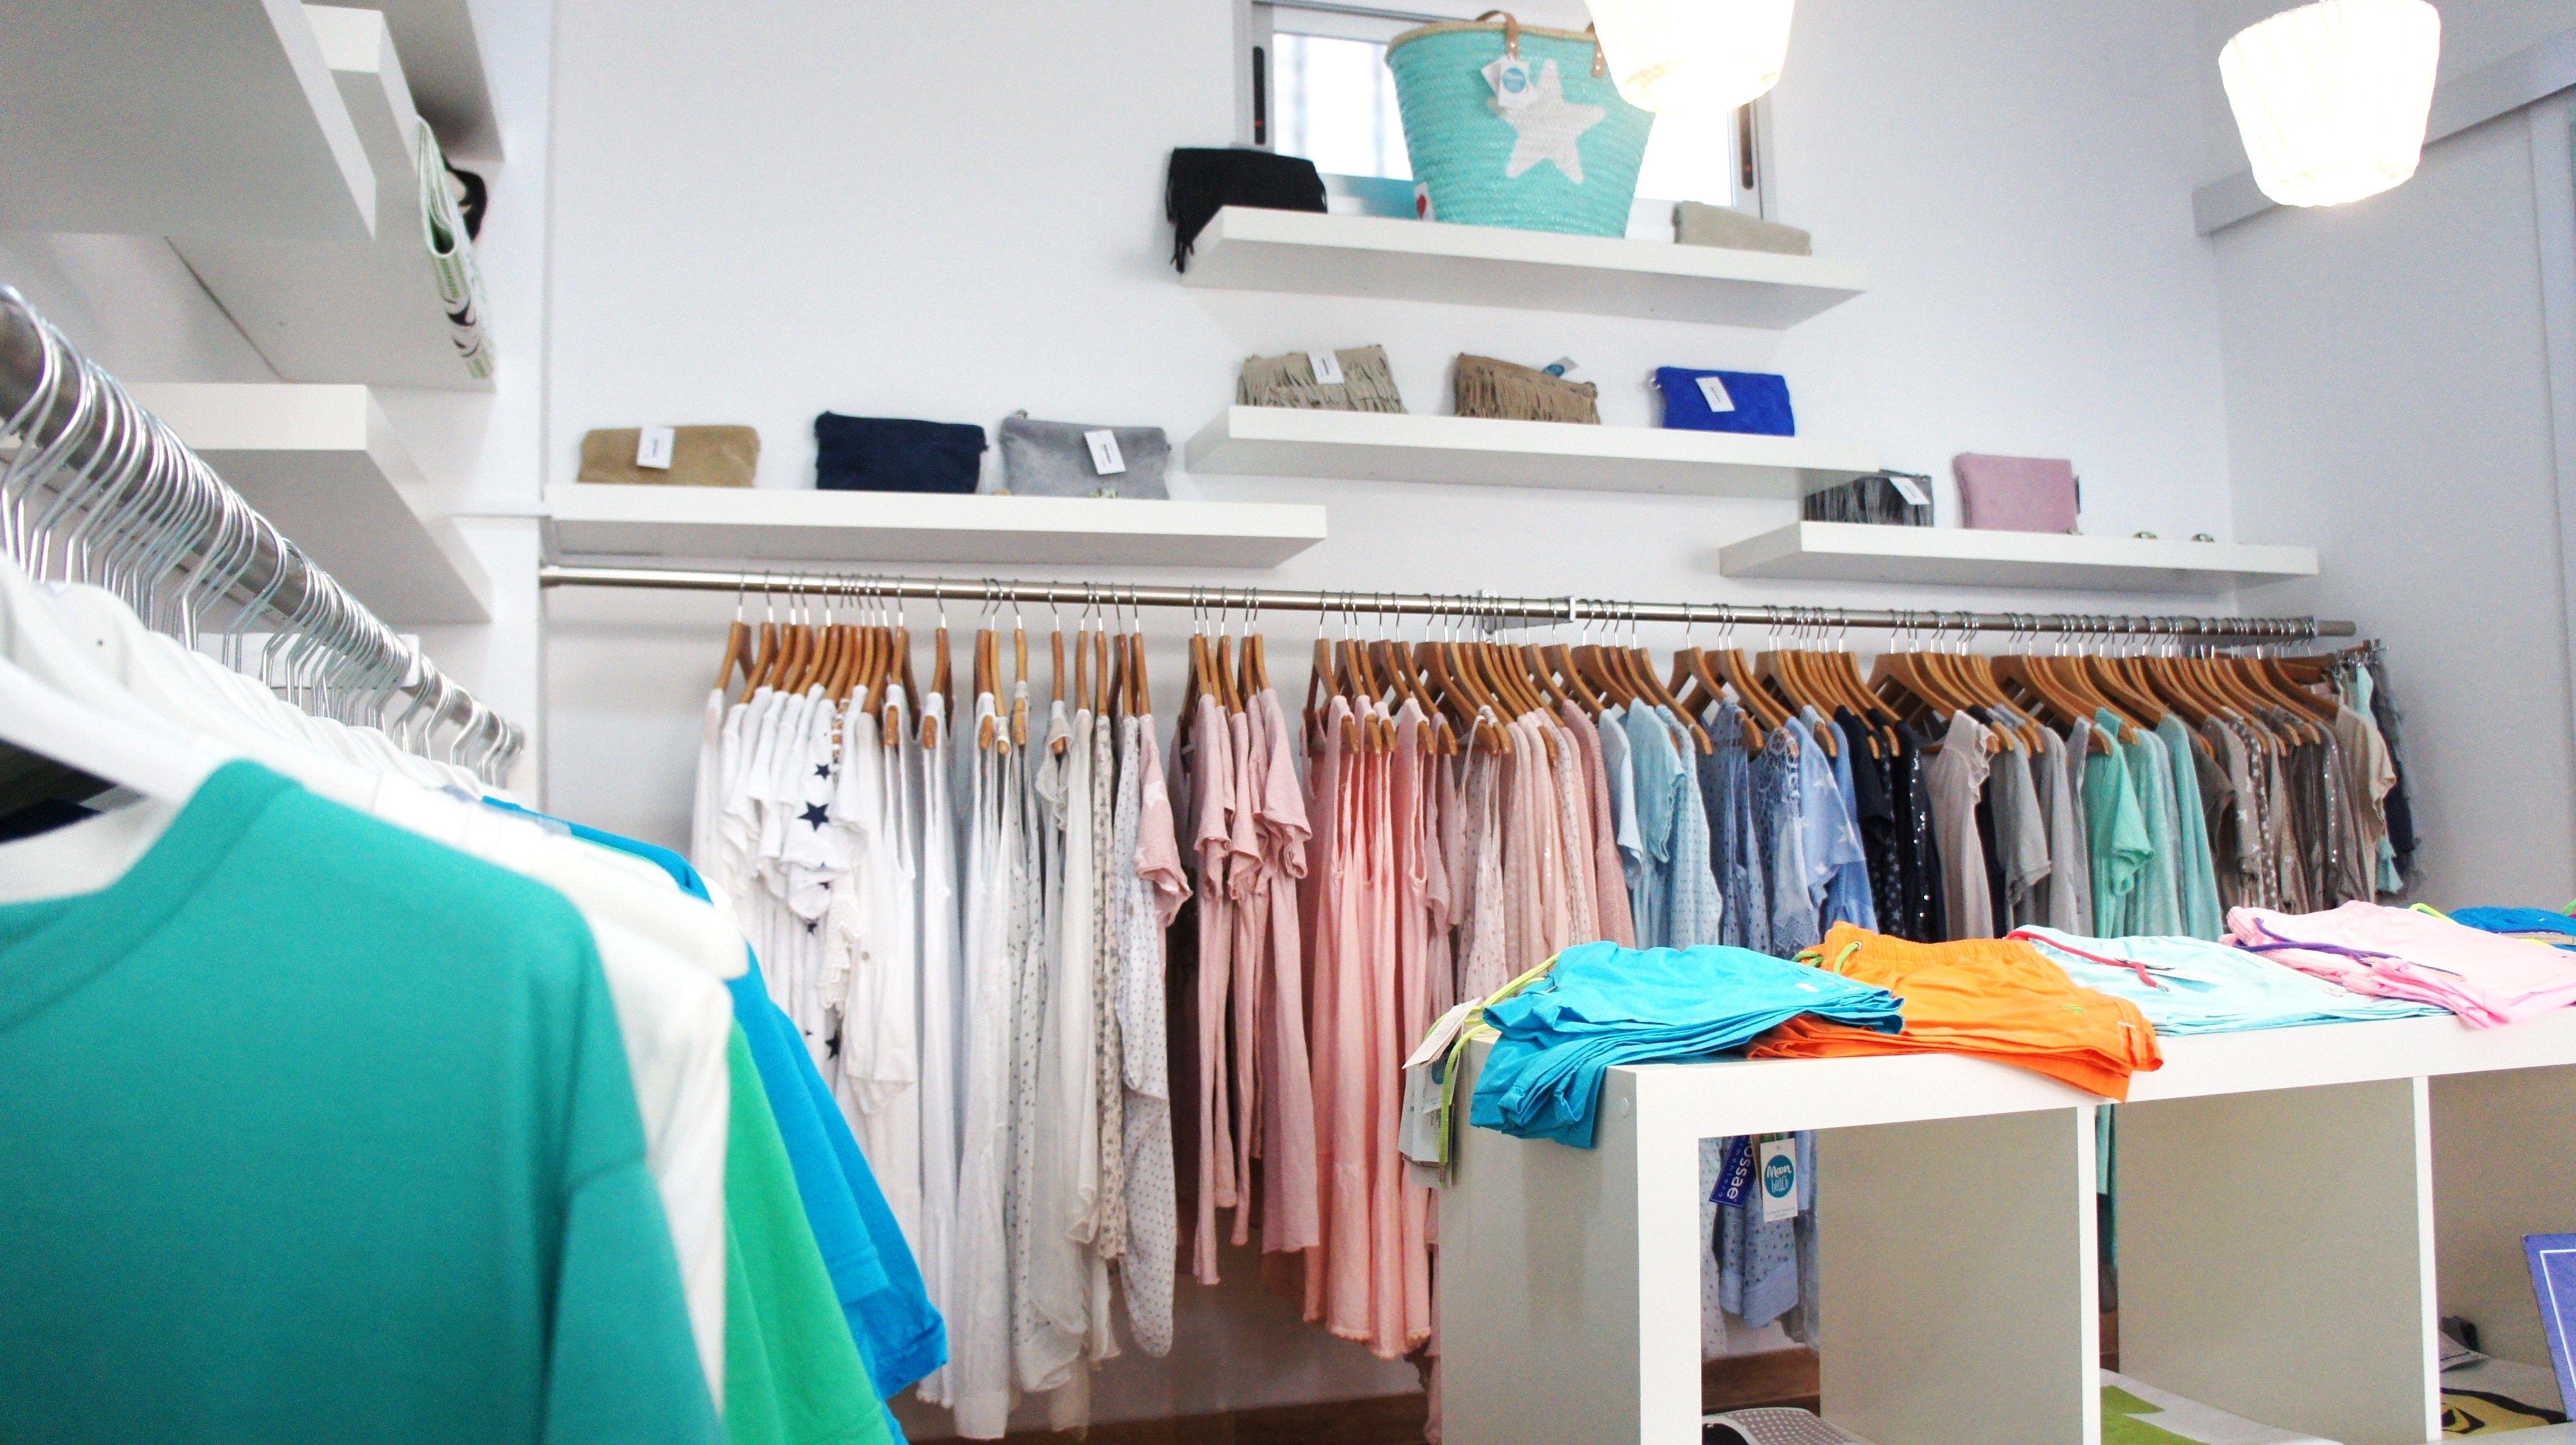 e0f9c348561 Tienda de ropa y complementos en la playa by Nuvart